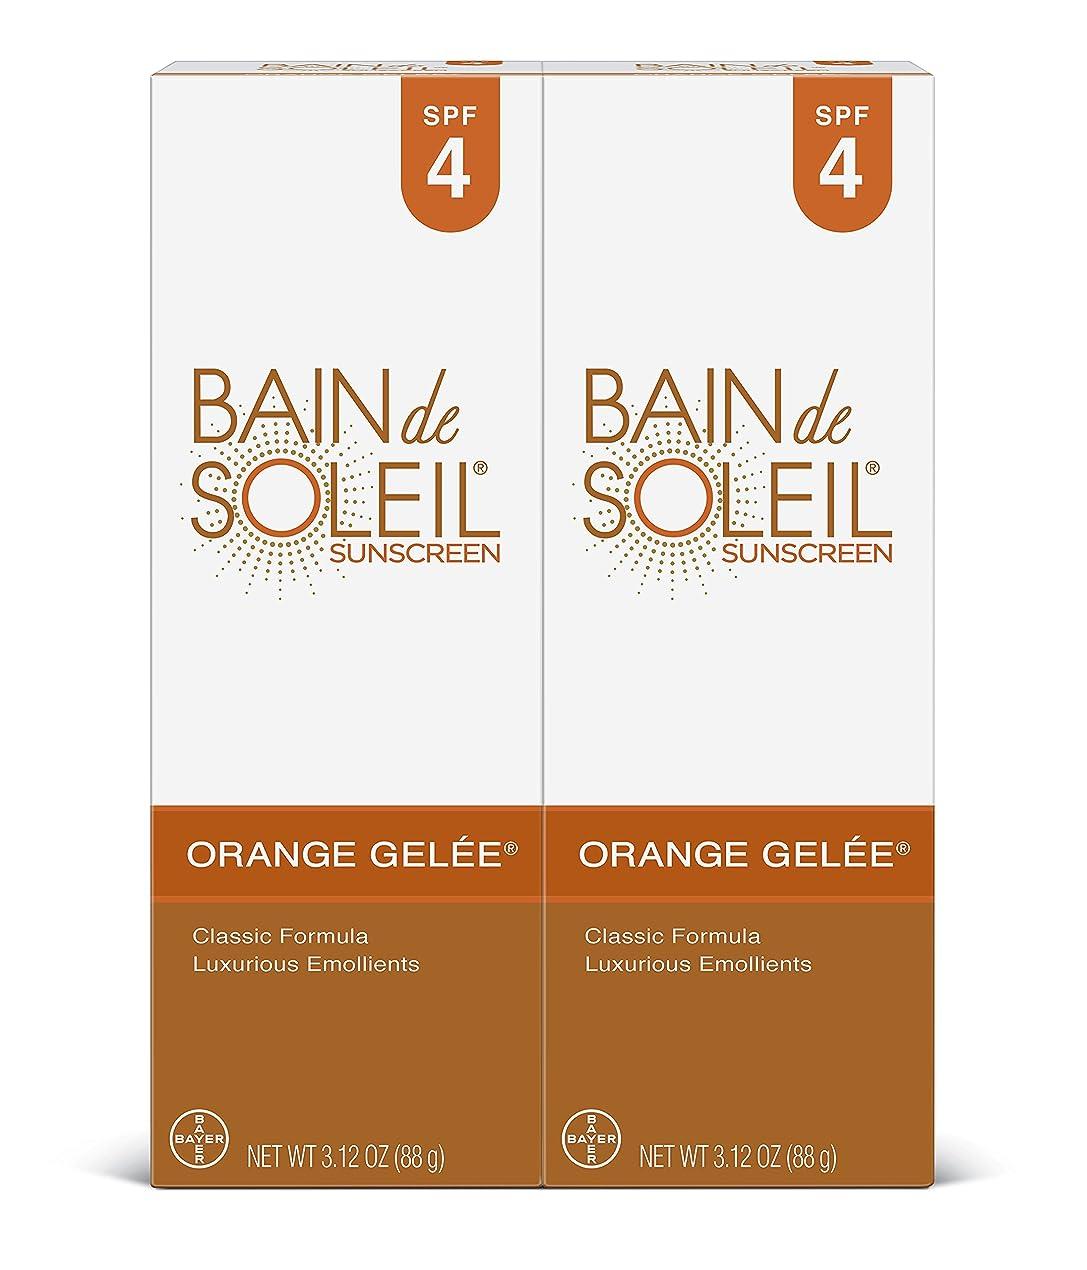 強調する辞任する裁判所Bain De Soleil オレンジジュレ日焼け止めSPF 4、豪華なエモリエントクラシック式、シグネチャー金属管で上品な香り、PABA無料、皮膚科医テスト済み(3.12オンスチューブ、2パック)